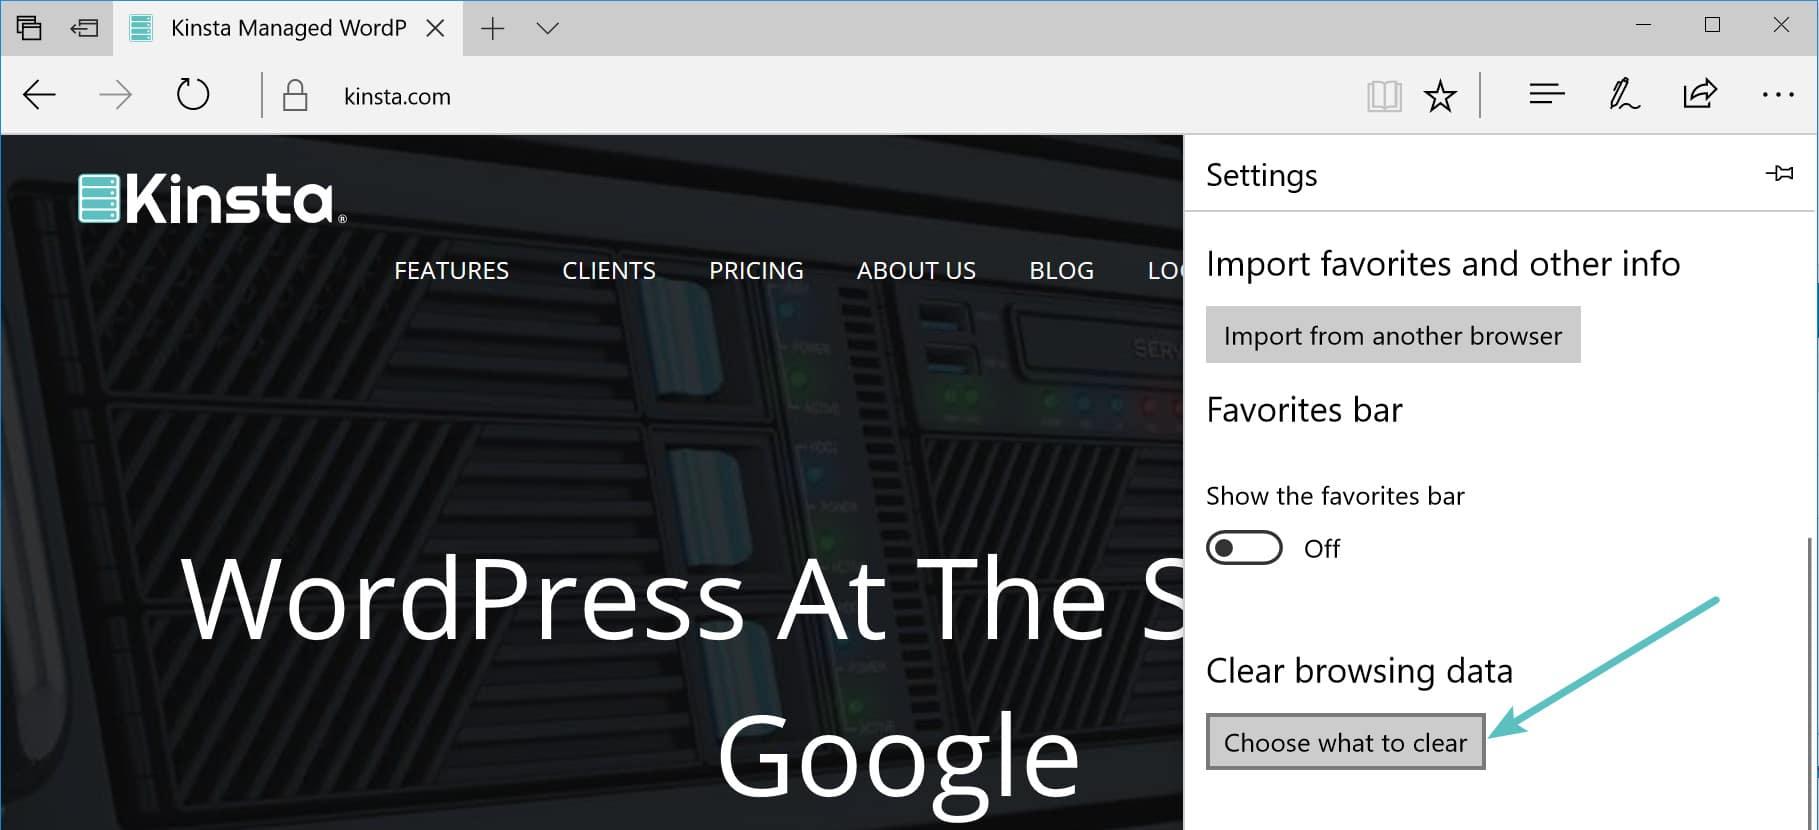 Choisissez ce qu'il faut effacer dans Microsoft Edge